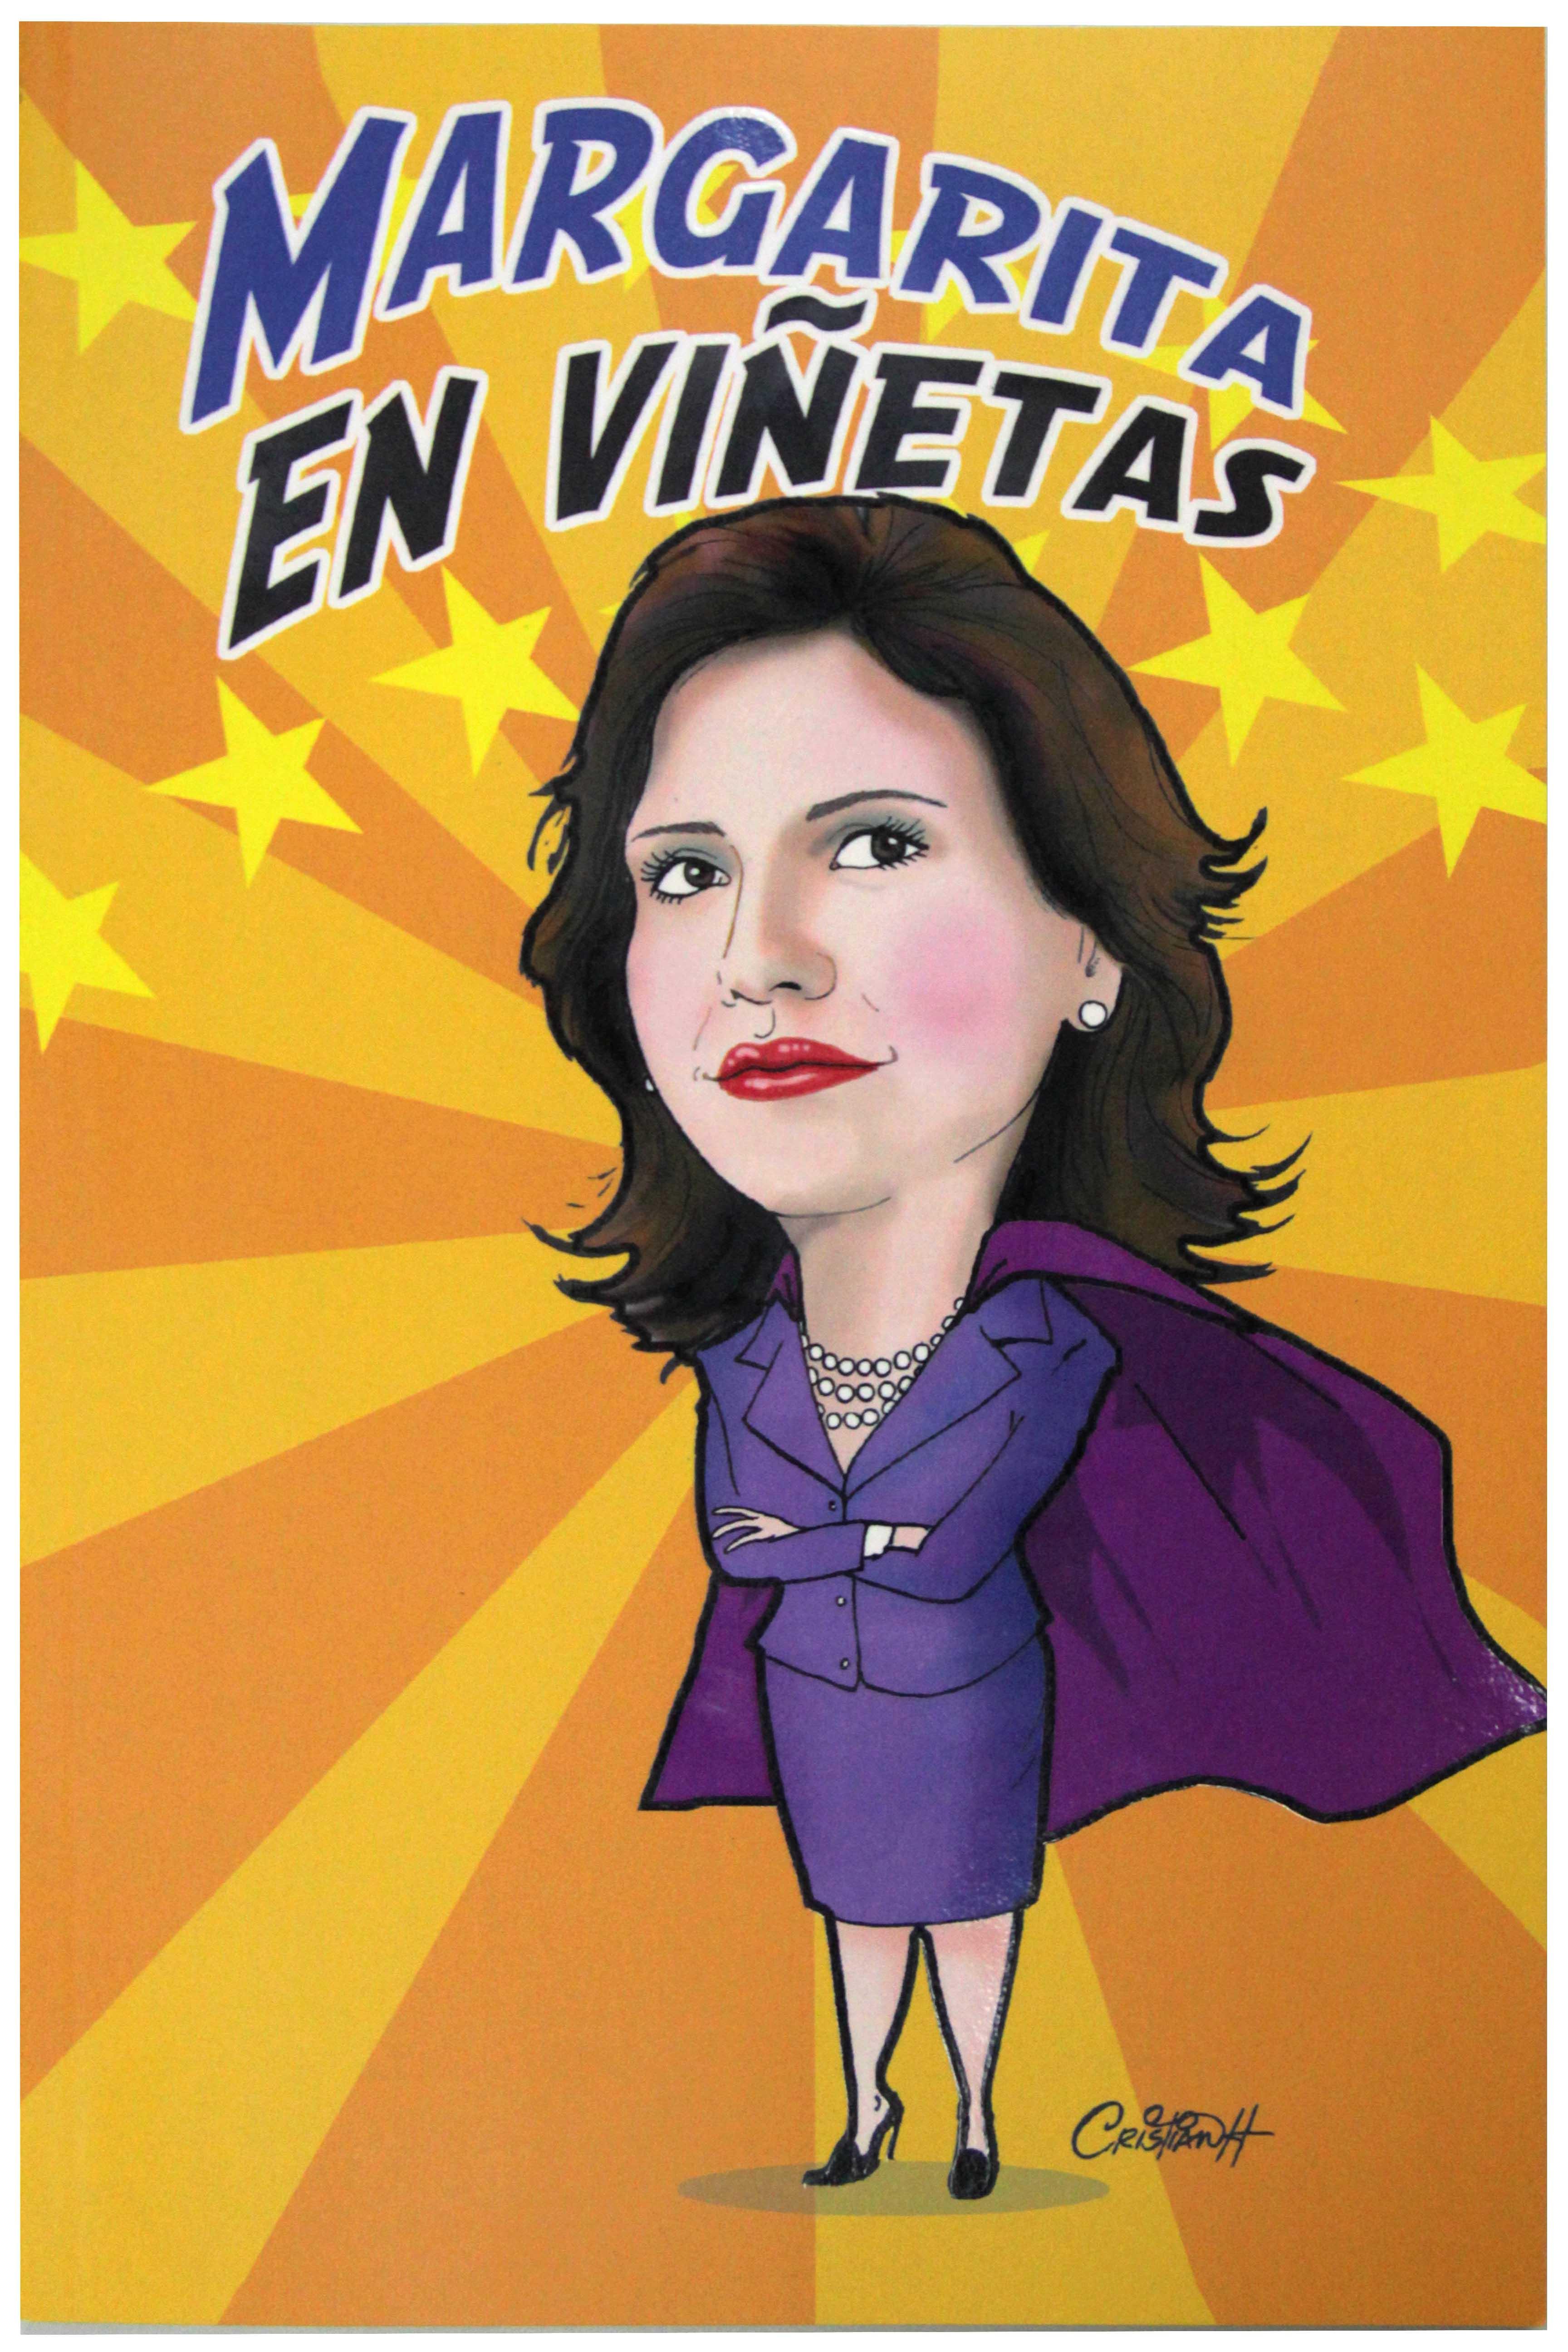 Circula Margarita en Viñetas, una compilación de caricaturas dedicadas a la Vicepresidenta